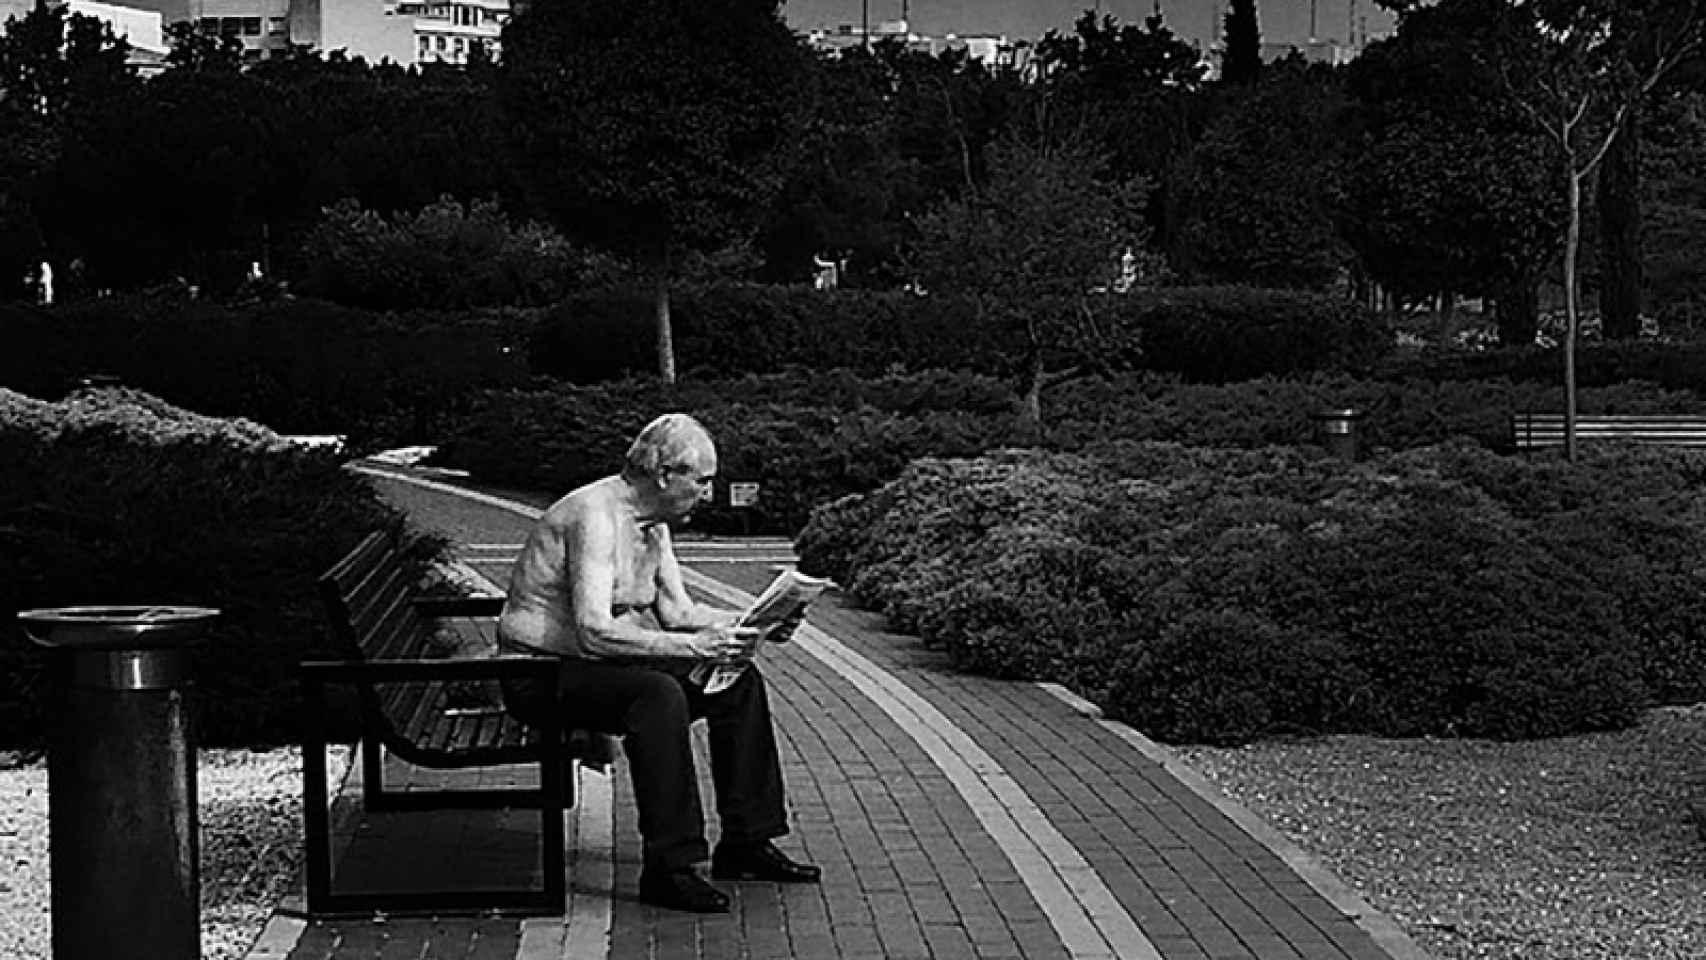 Un hombre lee el periódico en el banco de un parque